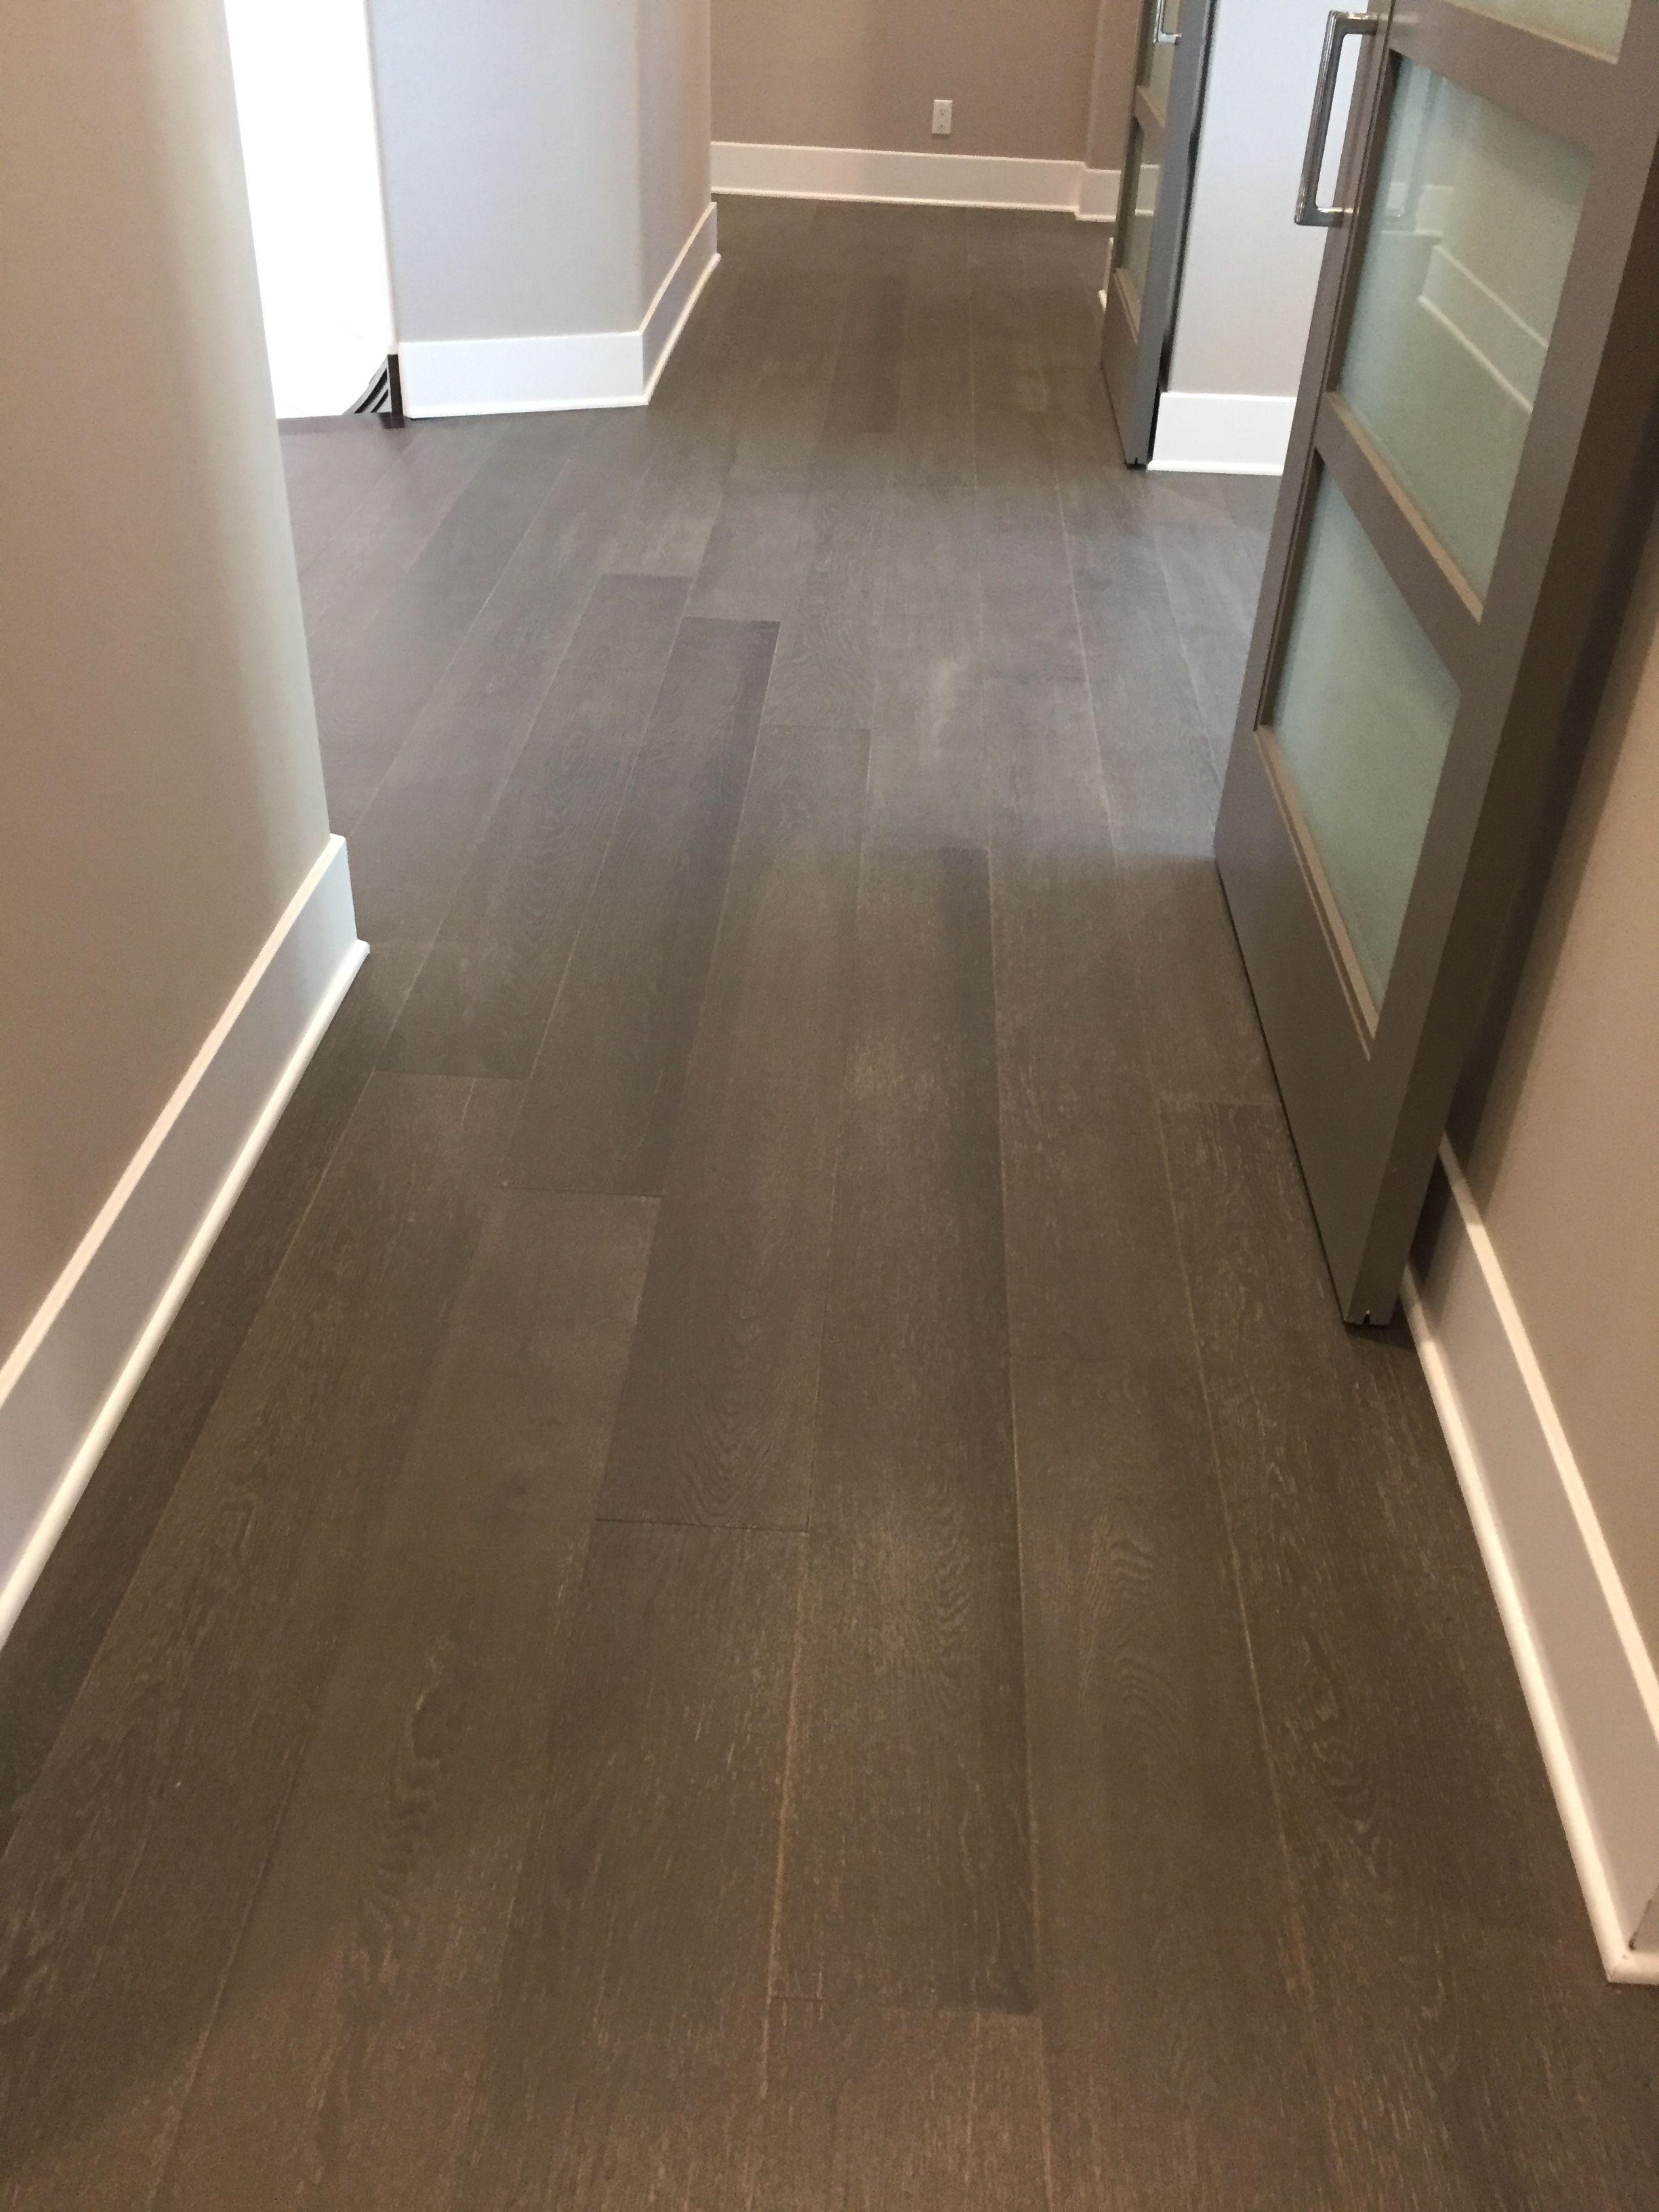 Floors, Flooring